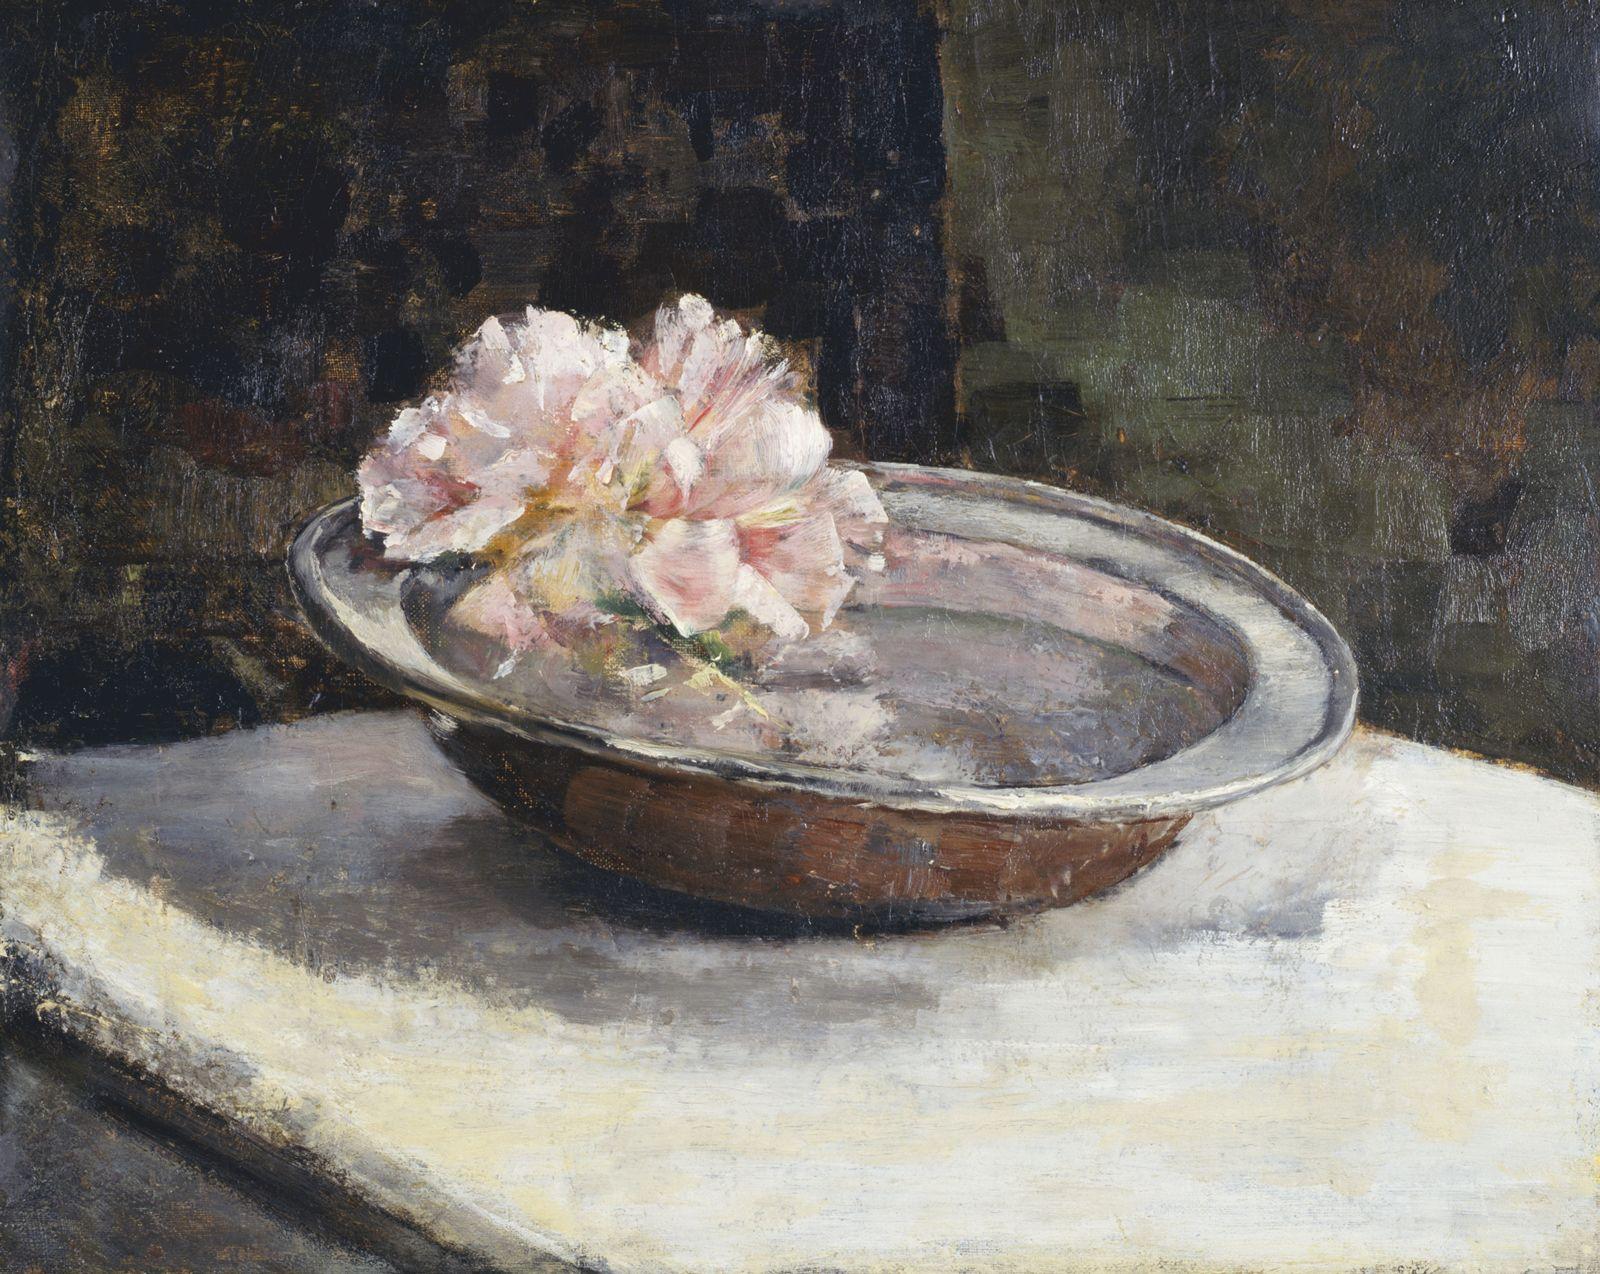 Abbott Handerson Thayer - Still Life (1886) by powderdd in museum